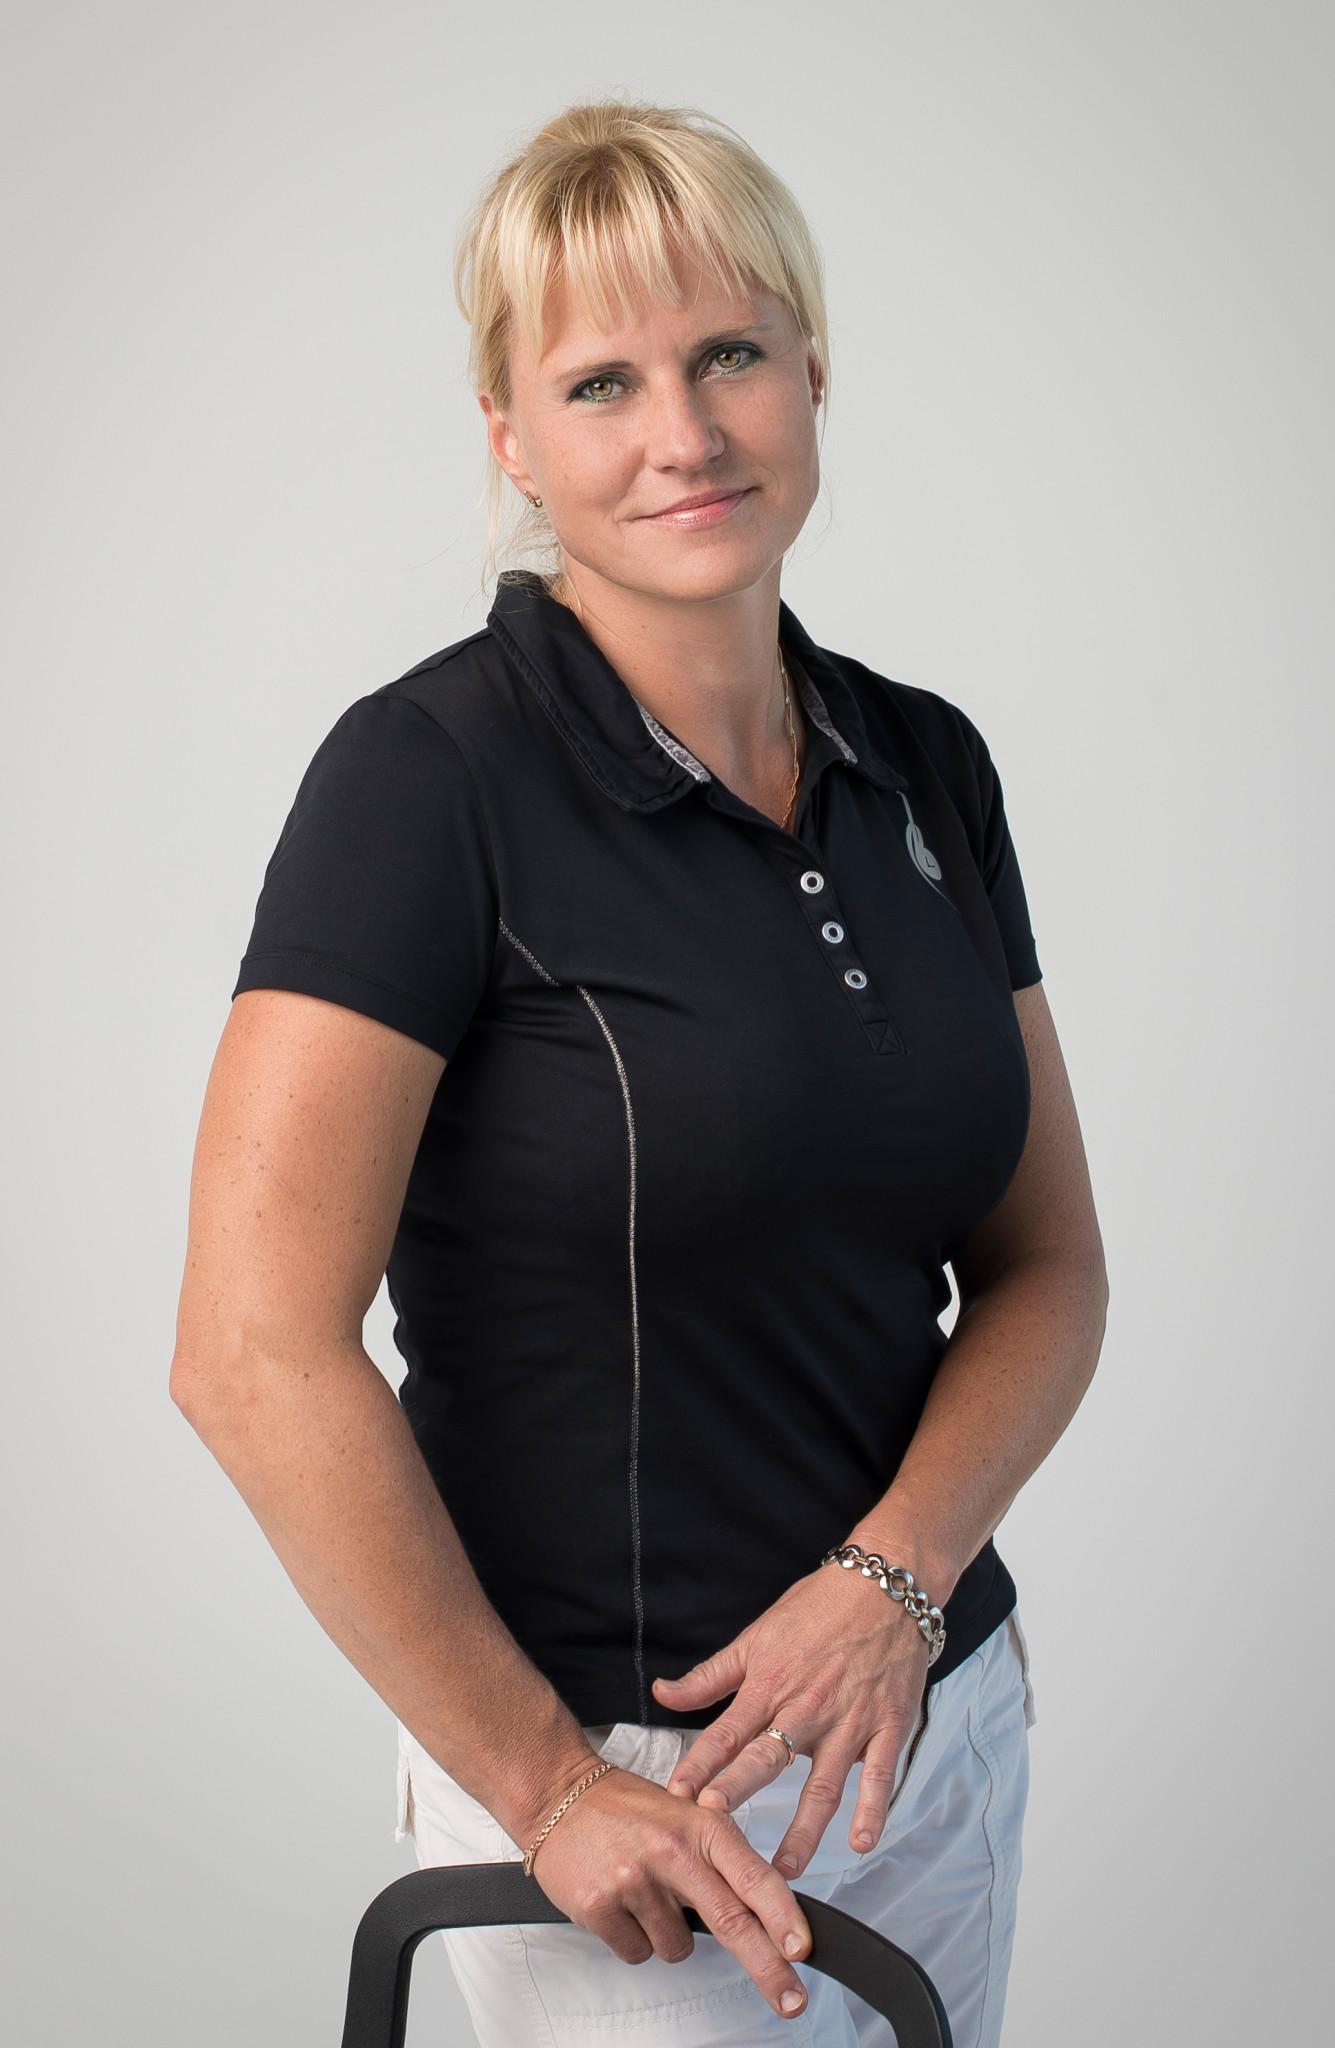 SPORDIKESKUS TERAS! Teenindusjuht Katrin Juuse: spordikeskus on nagu kellavärk, kus kõik peab toimima ühtse tervikuna